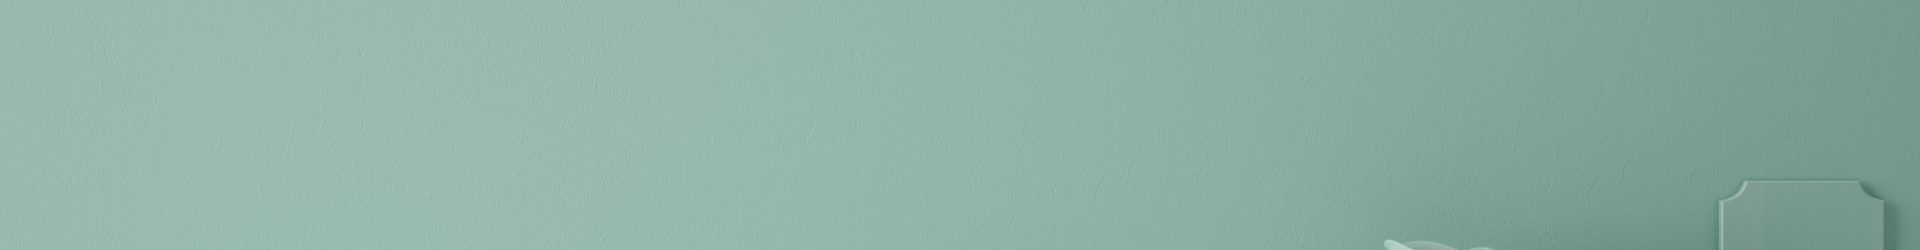 I colori di tendenza 2020 per dipingere le pareti di casa